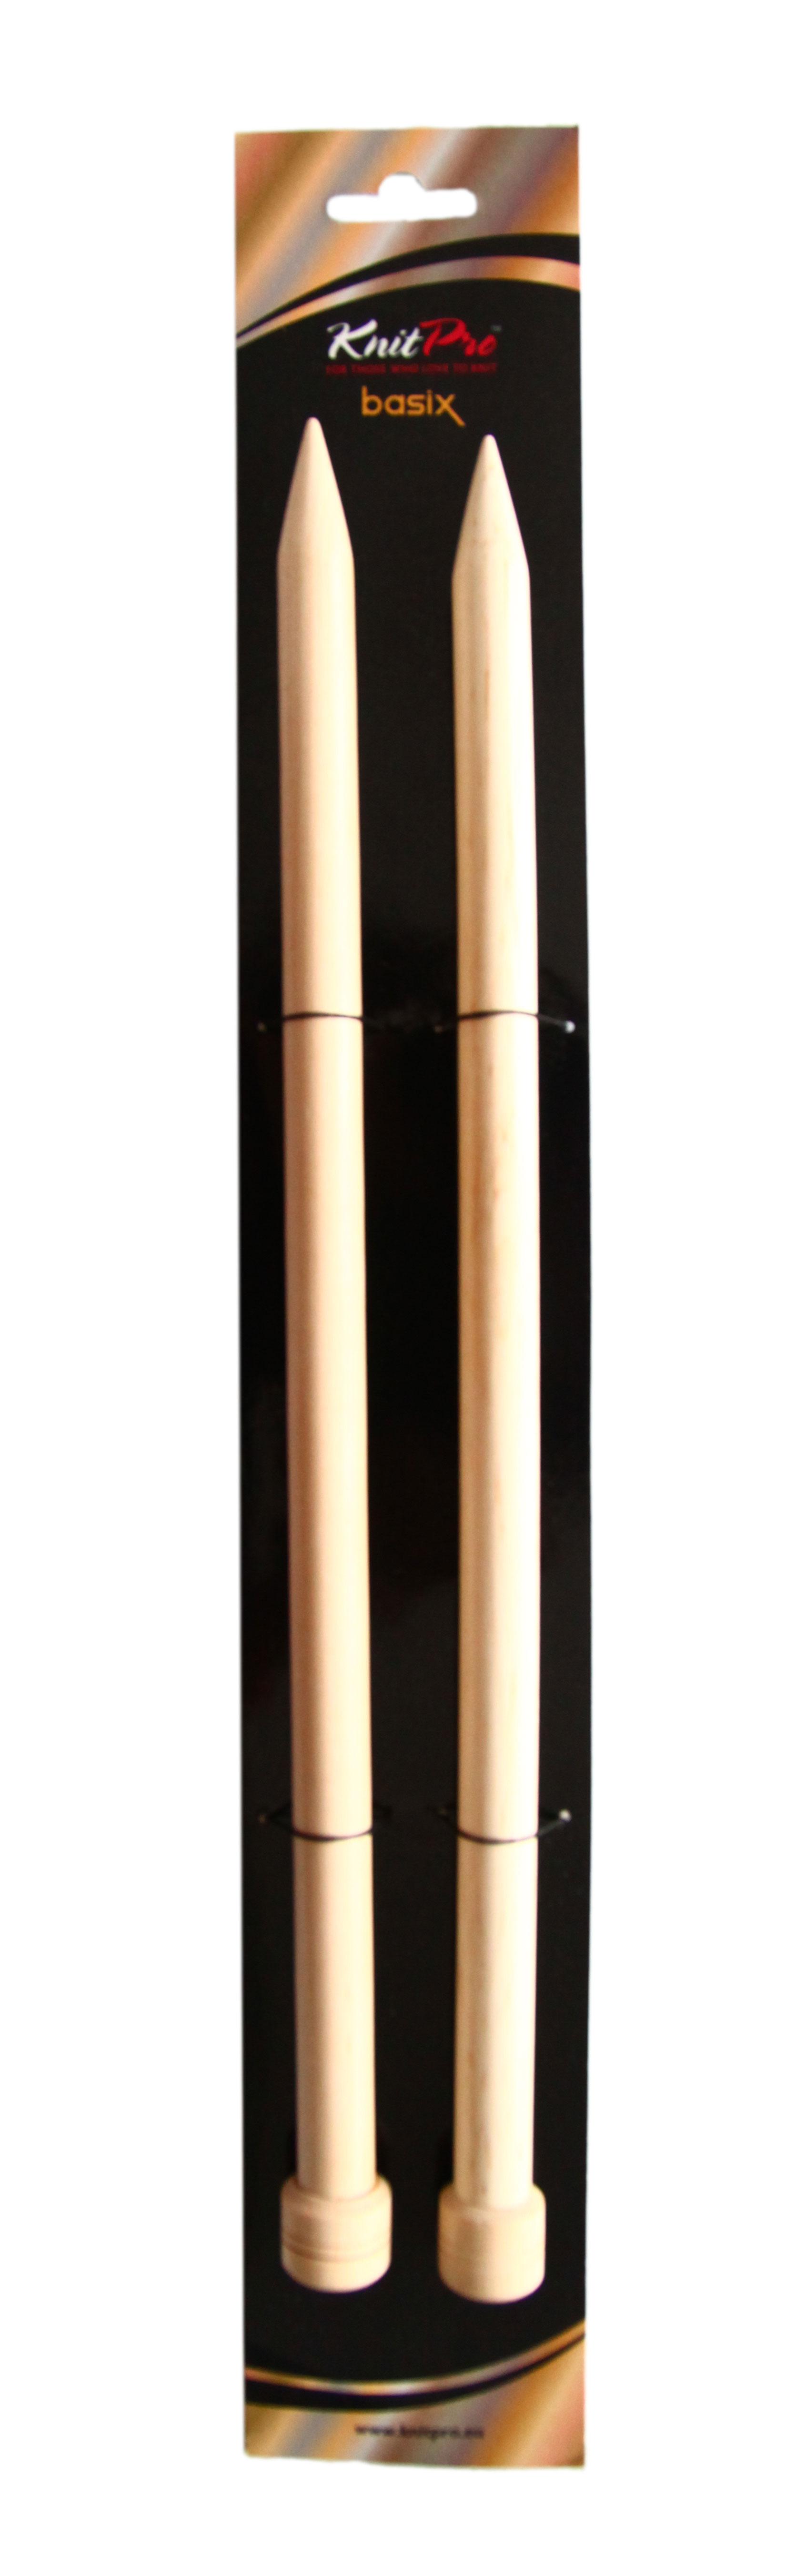 ไม้นิตตรง Basix Brich Straight Needles 15.00 mm. (set of 2)